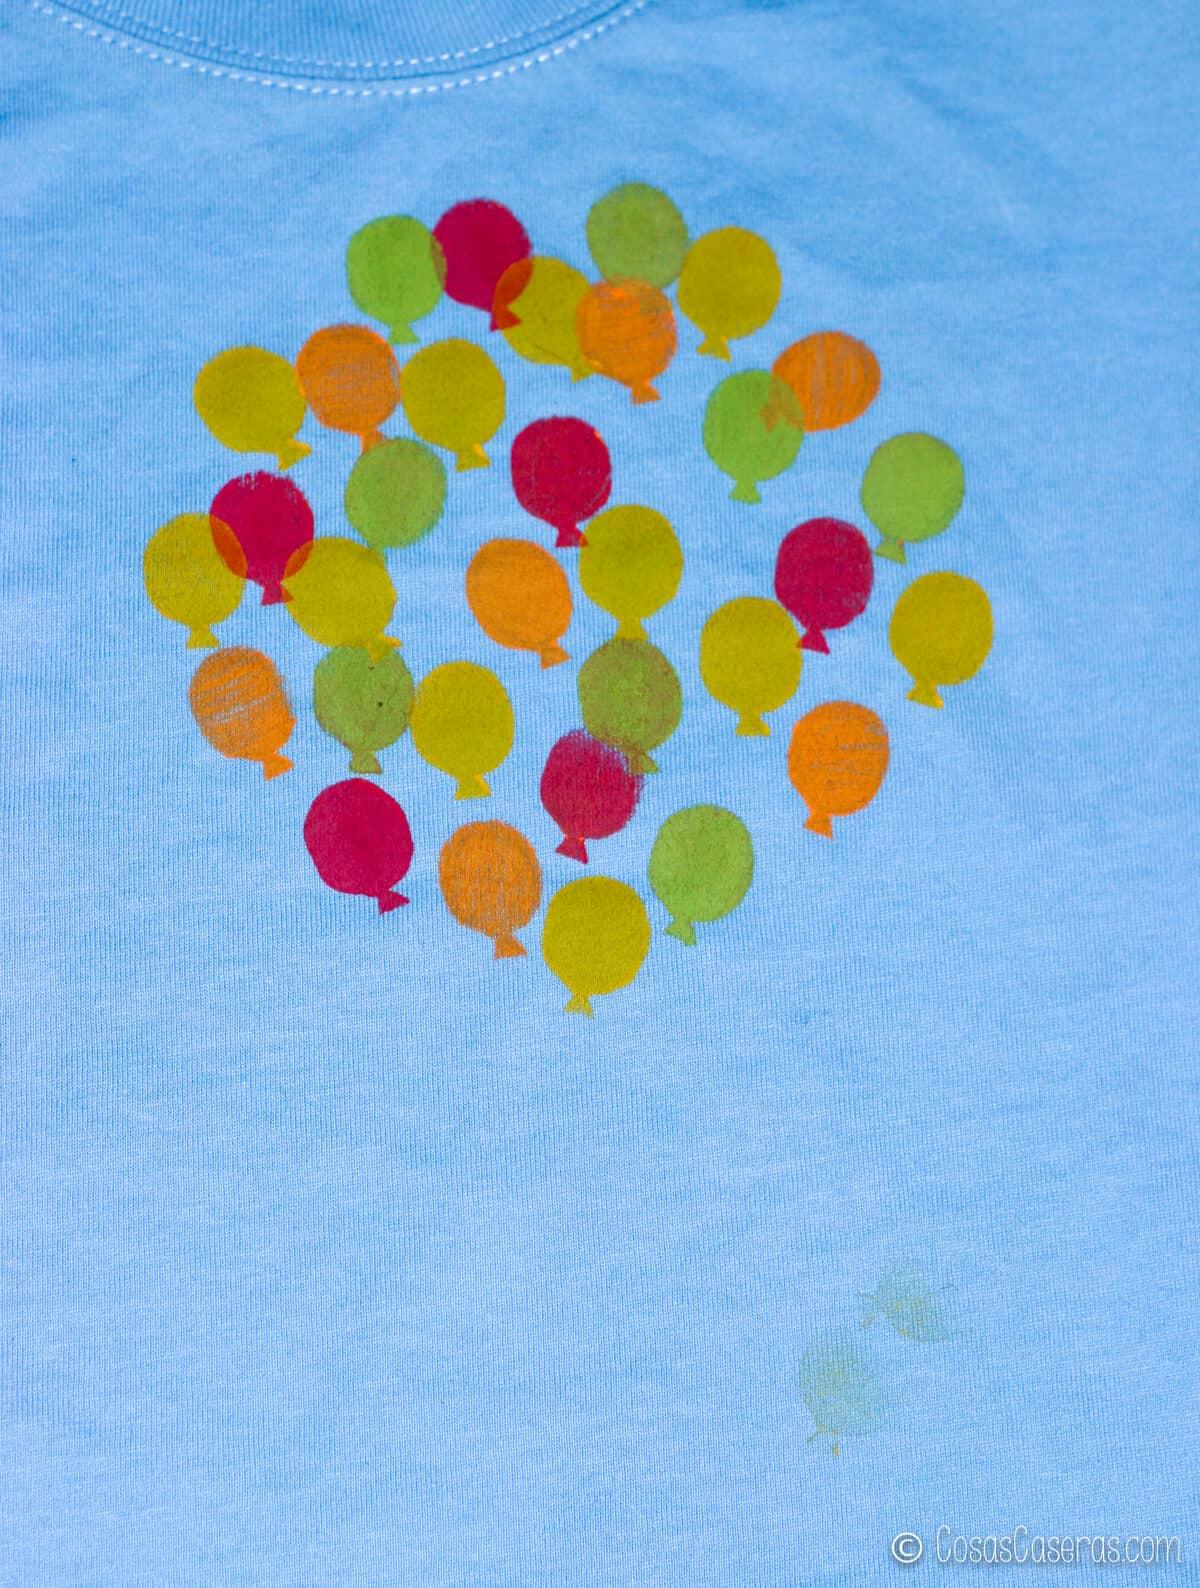 La camiseta ya tiene muchos más globos y colores